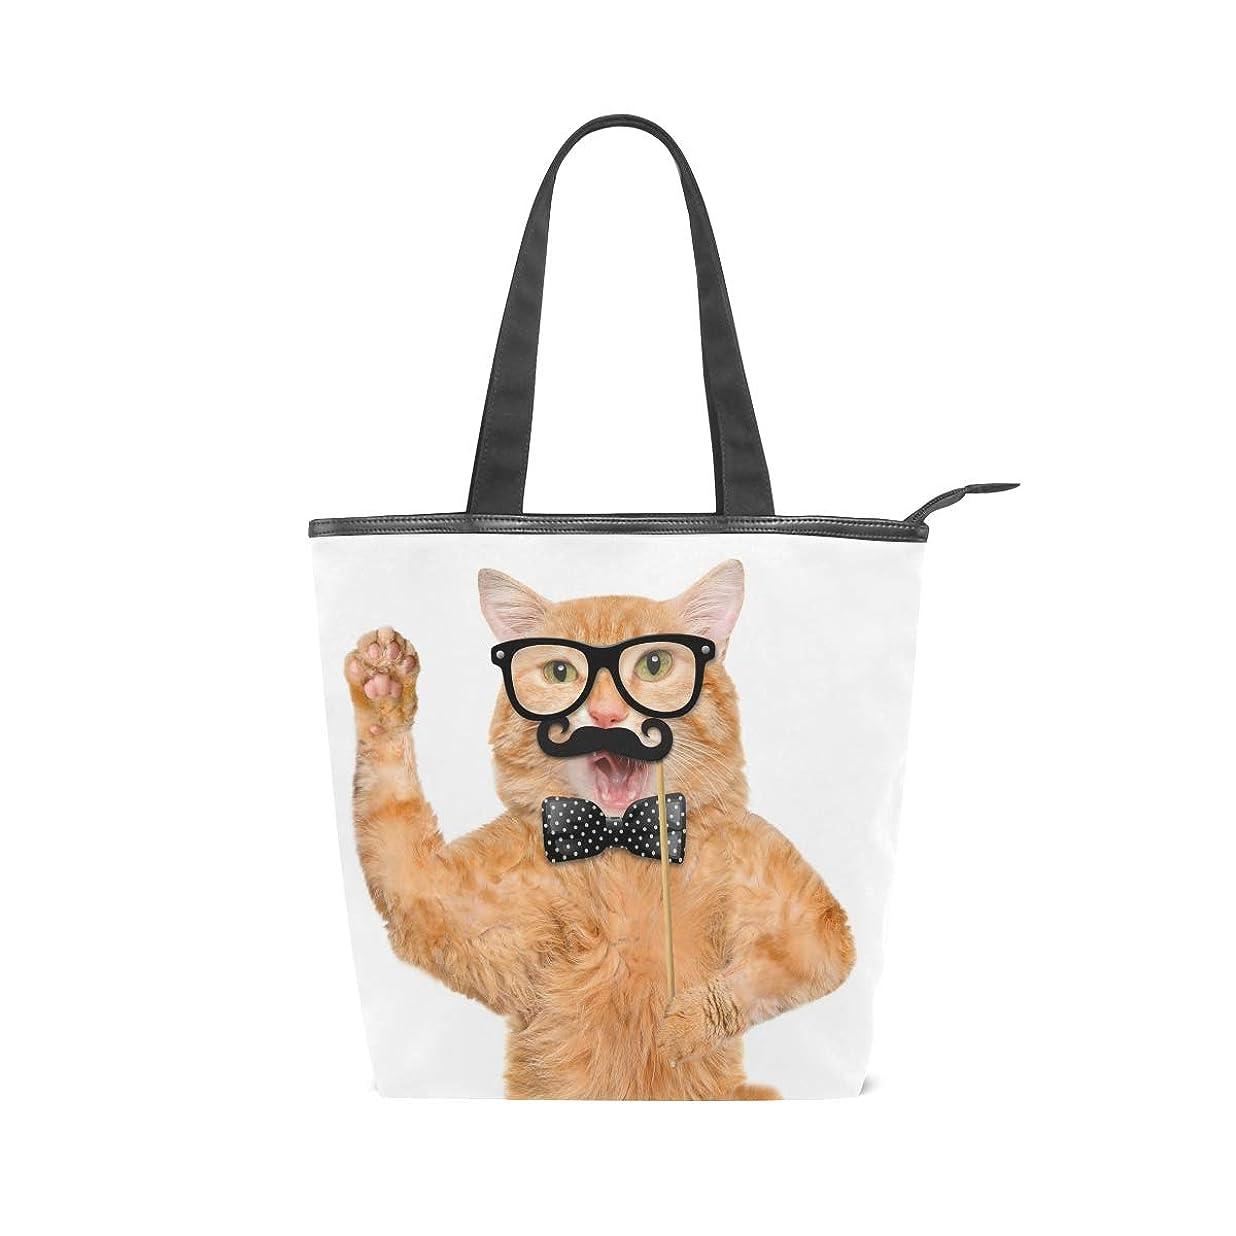 先のことを考える散文ベイビーキャンバス バッグ トートバッグ 多機能 多用途2wayメガネ 髭 猫柄 ネコ キャット ショルダー バッグ ハンドバッグ レディース 人気 可愛い 帆布 カジュアル 多機能 両用トートバッグ ァスナー付き ポケット付 Natax